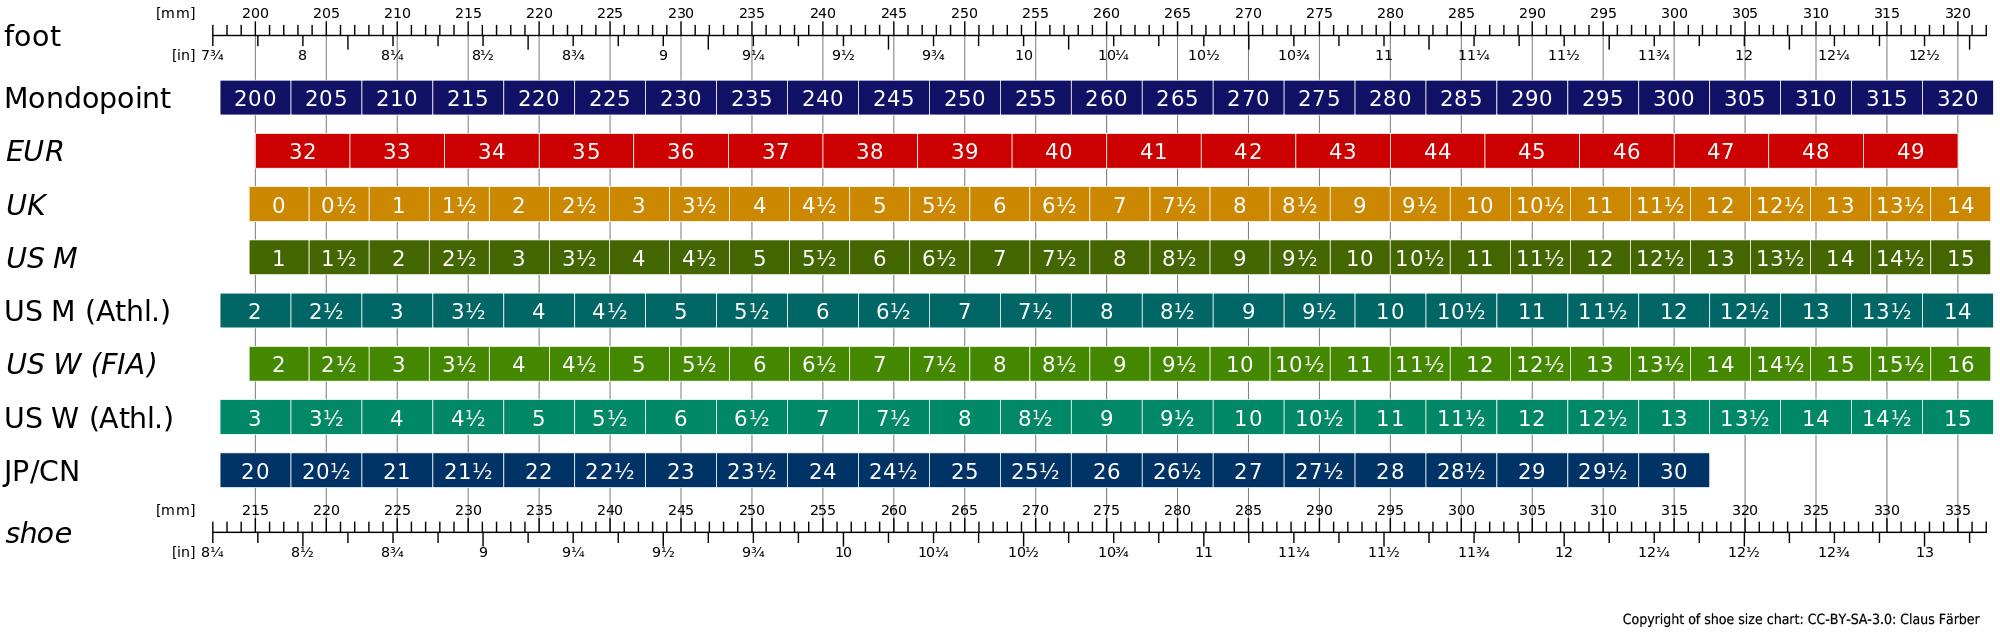 Shoesize Chart